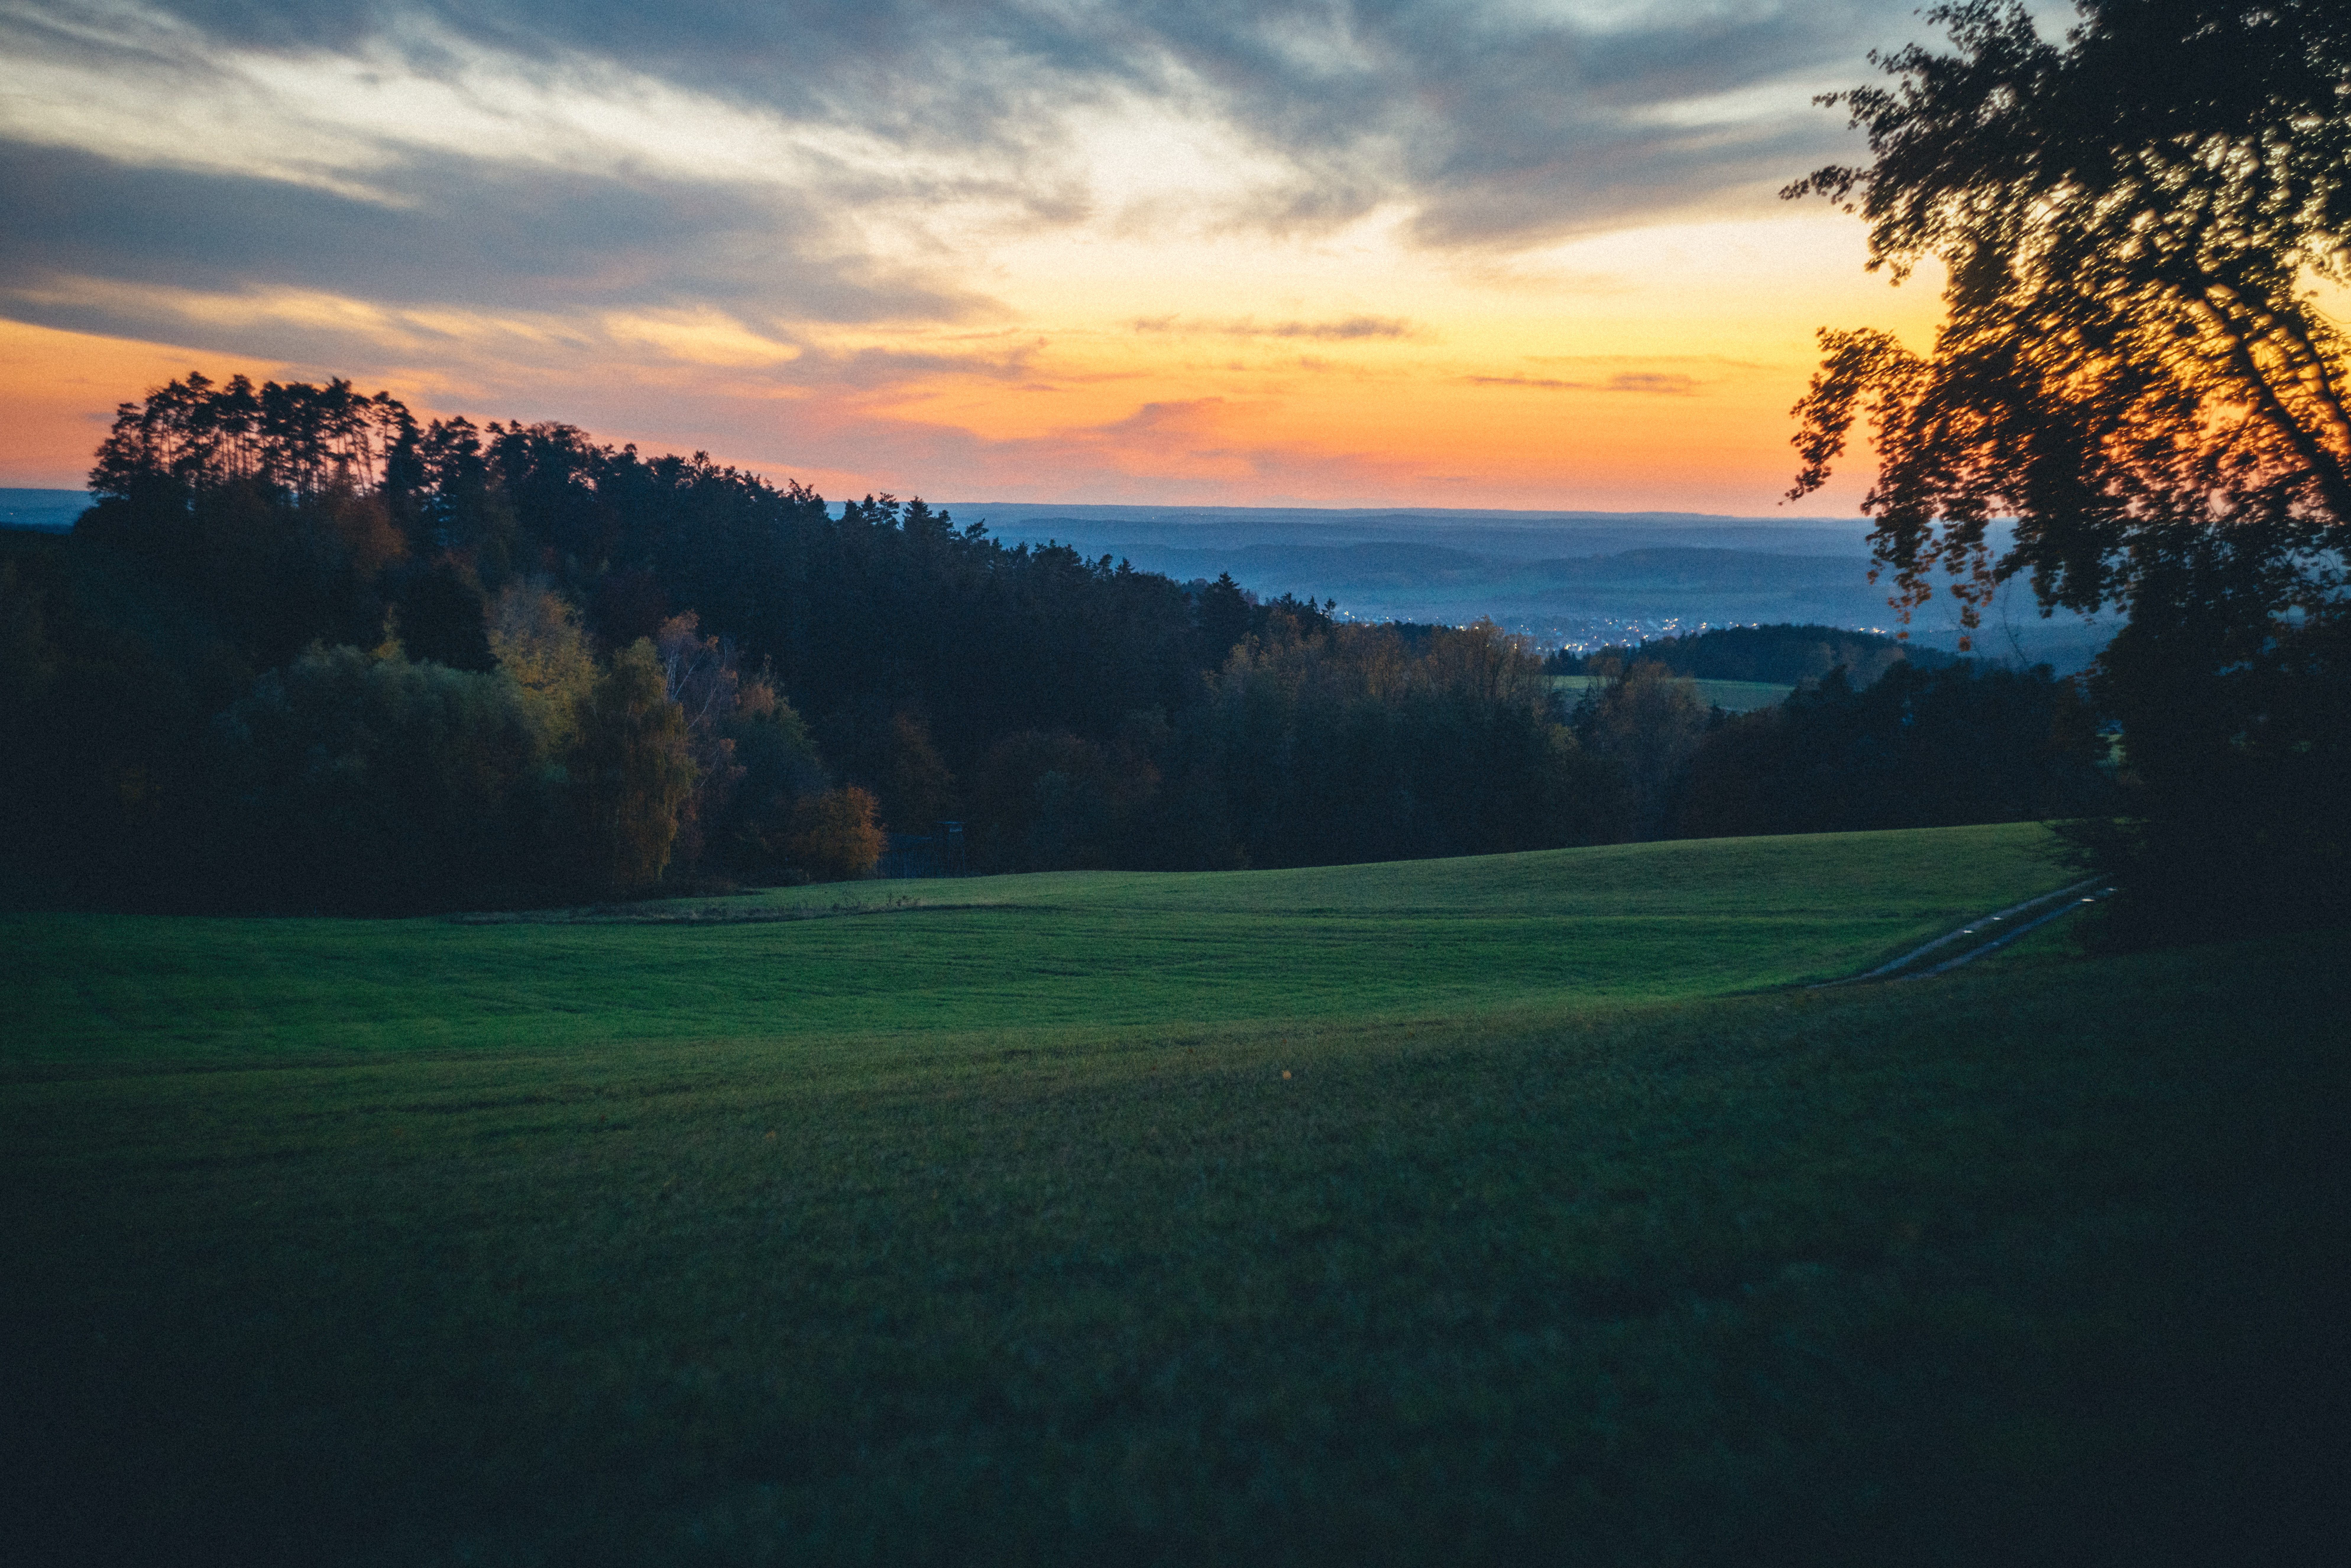 103002 Hintergrundbild 240x400 kostenlos auf deinem Handy, lade Bilder Landschaft, Natur, Bäume, Feld, Dämmerung, Twilight, Die Hügel, Hügel 240x400 auf dein Handy herunter